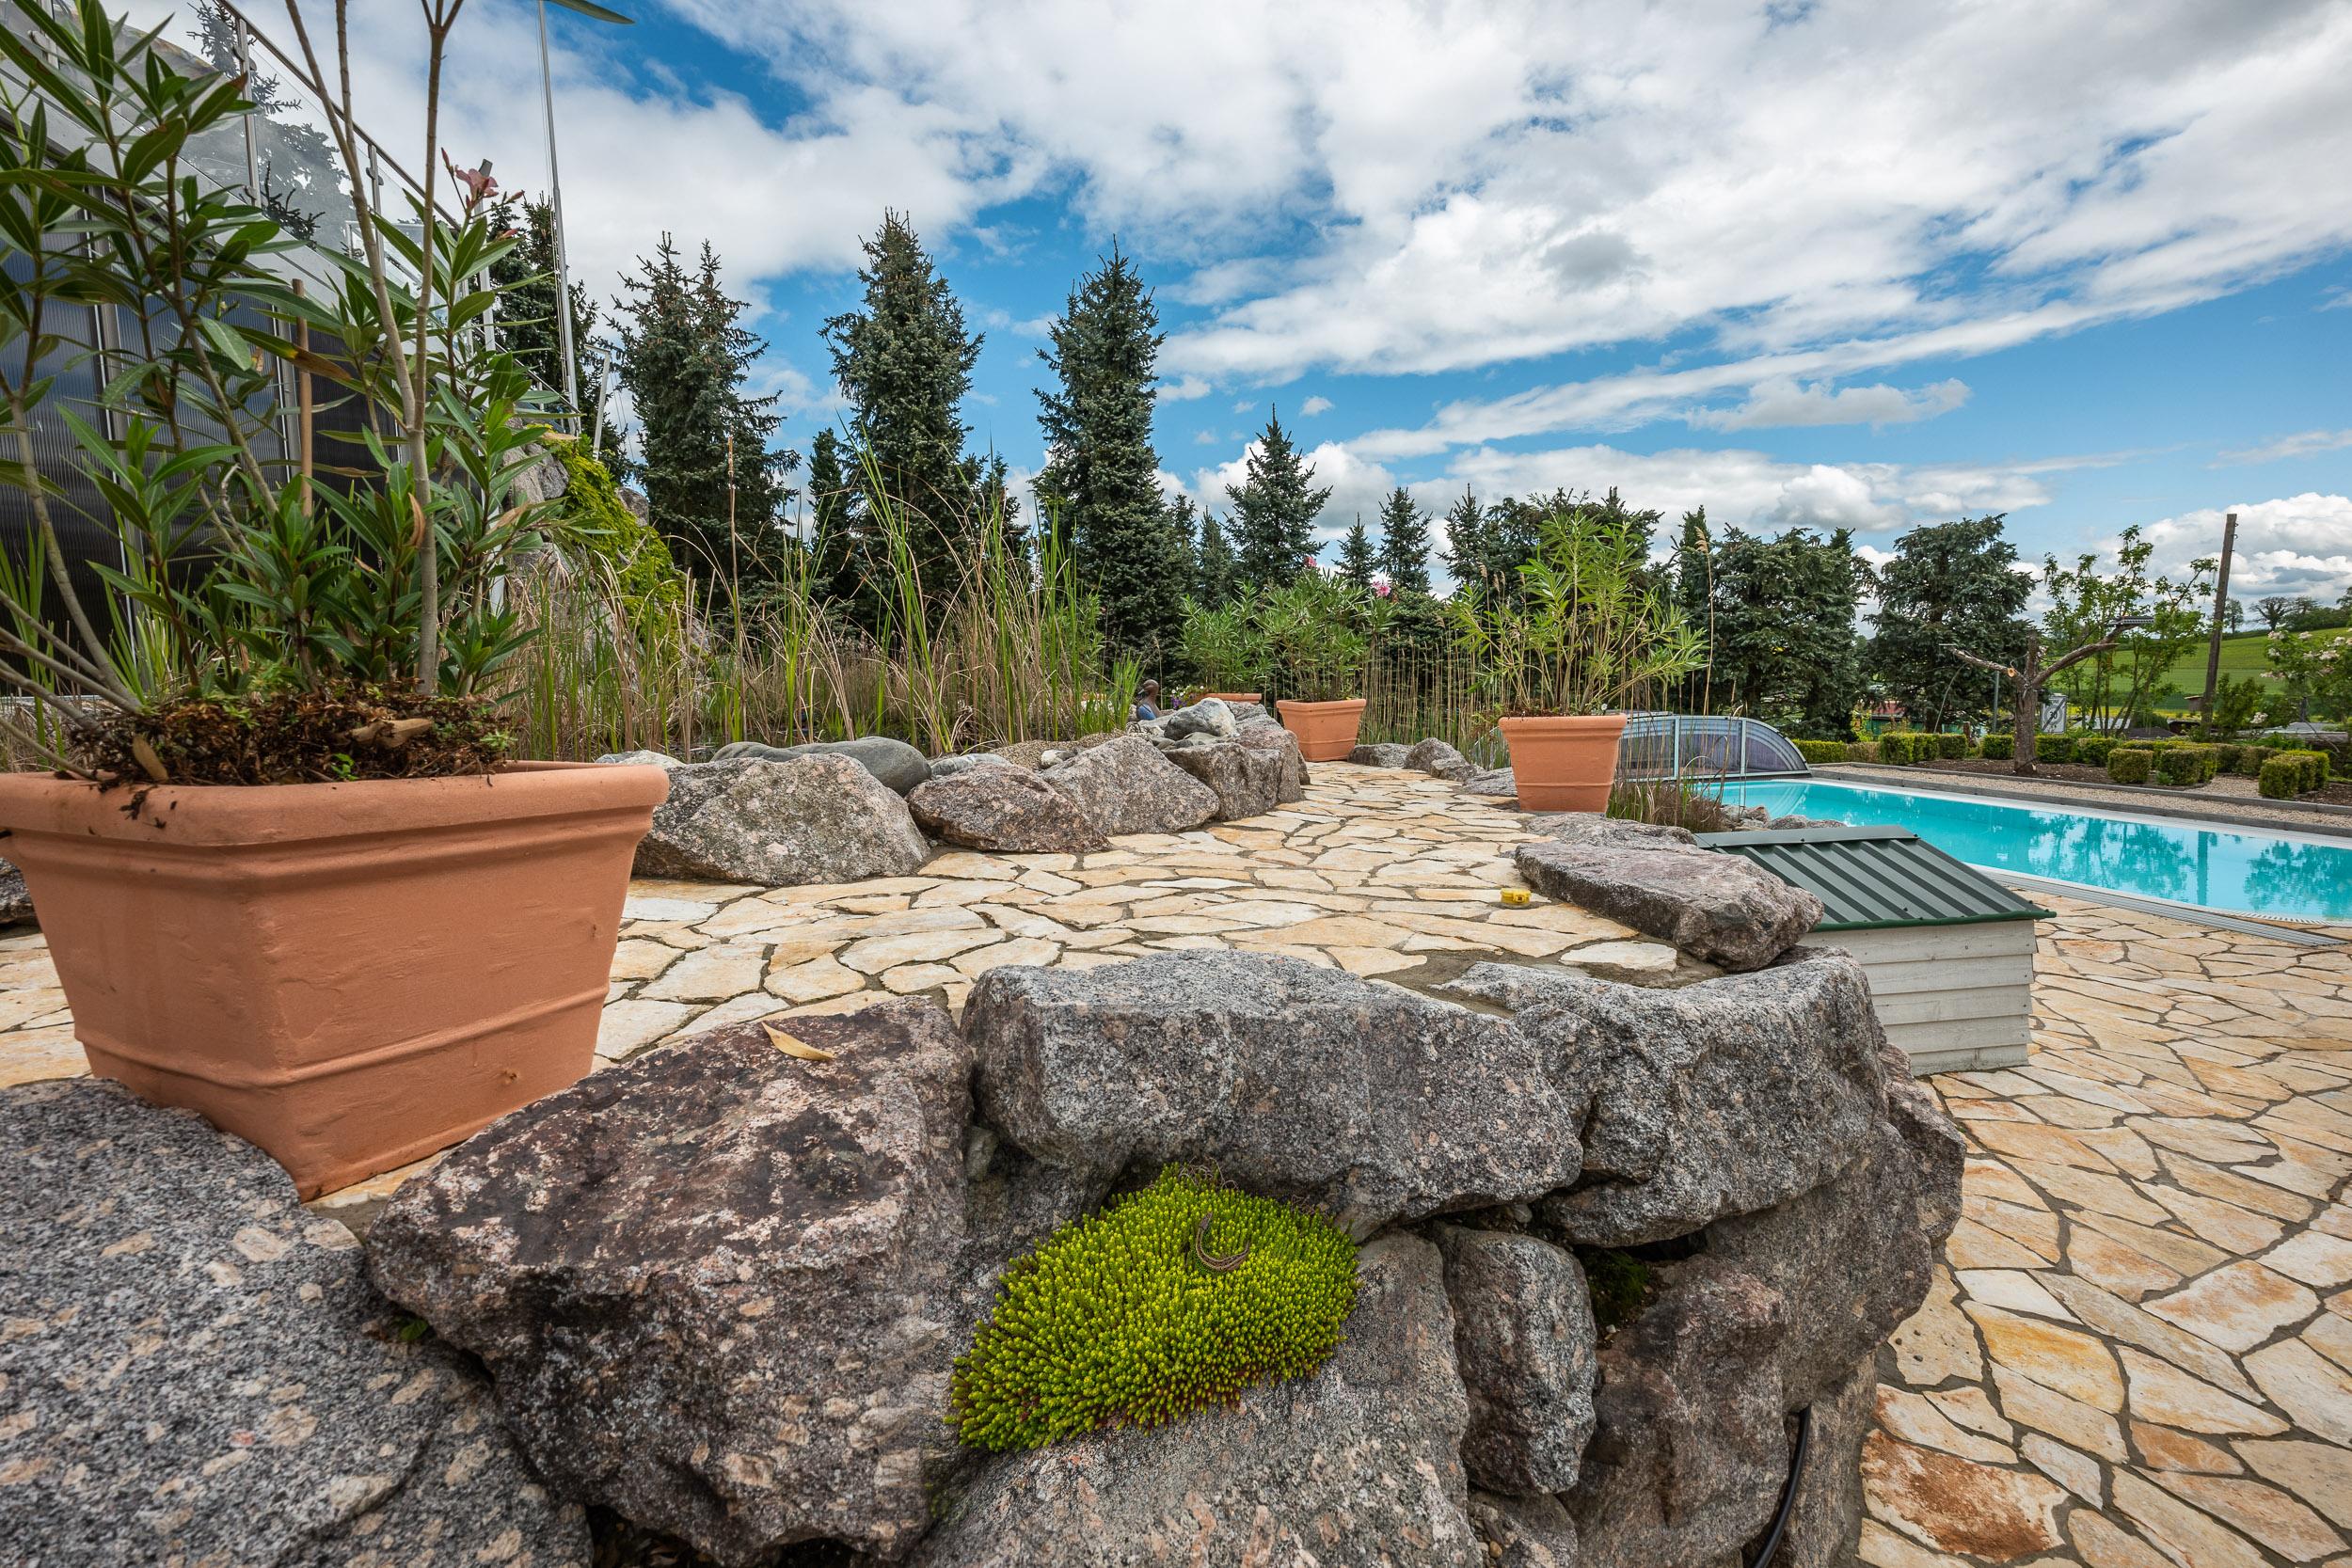 Garten mit mediterranem Flair. Gerne gesehene Gäste sind Eidechsen, ein paar Frösche beleben den Teich, und auch Vögel aller Art besuchen den Garten